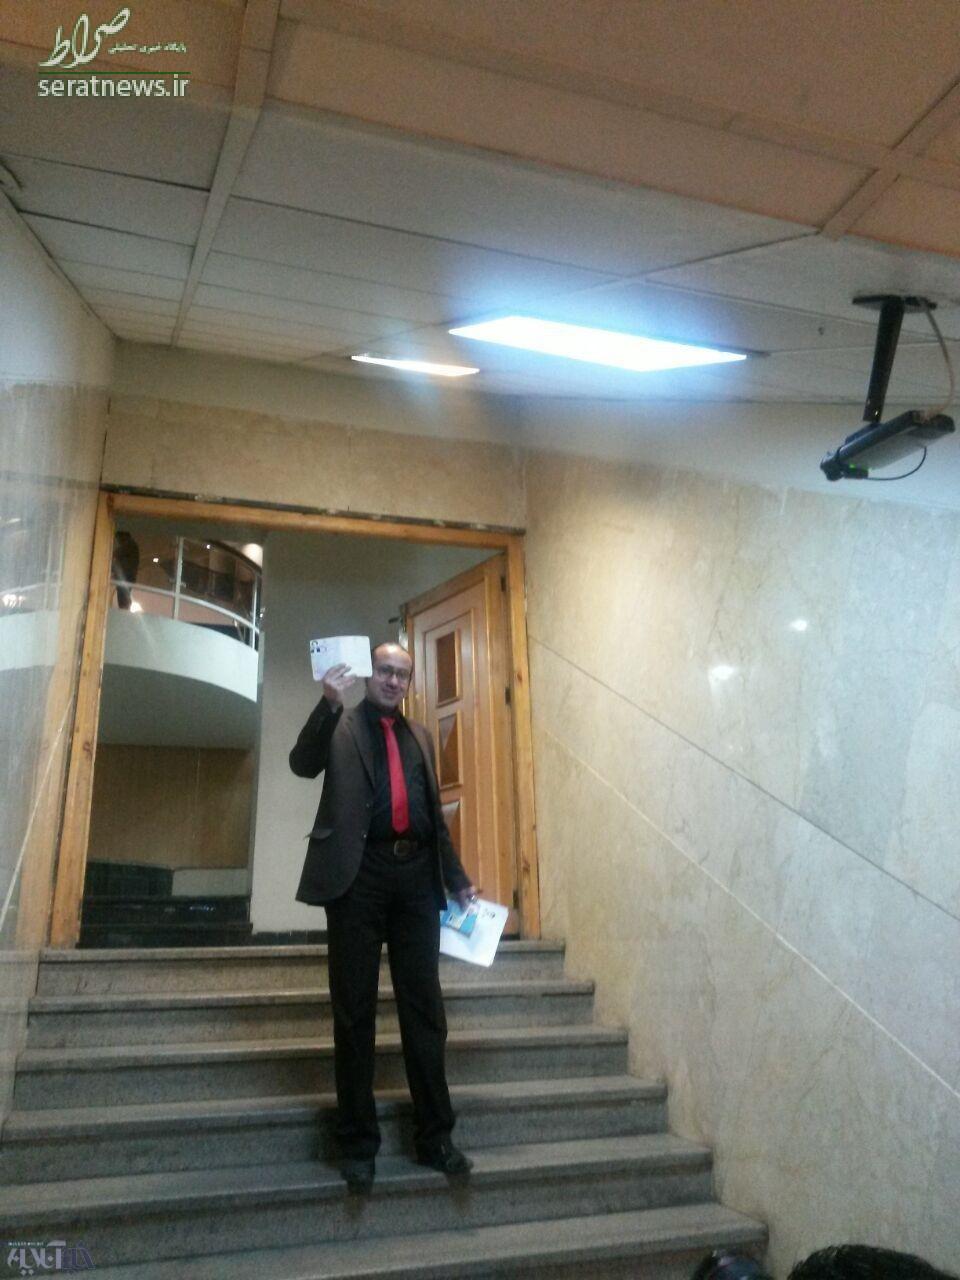 یک کاندیدا ادعای پیغمبری کرد/ آقای کراوتی برای برقراری آزادی آمد/ نامزدی متولد 68 +تصاویر